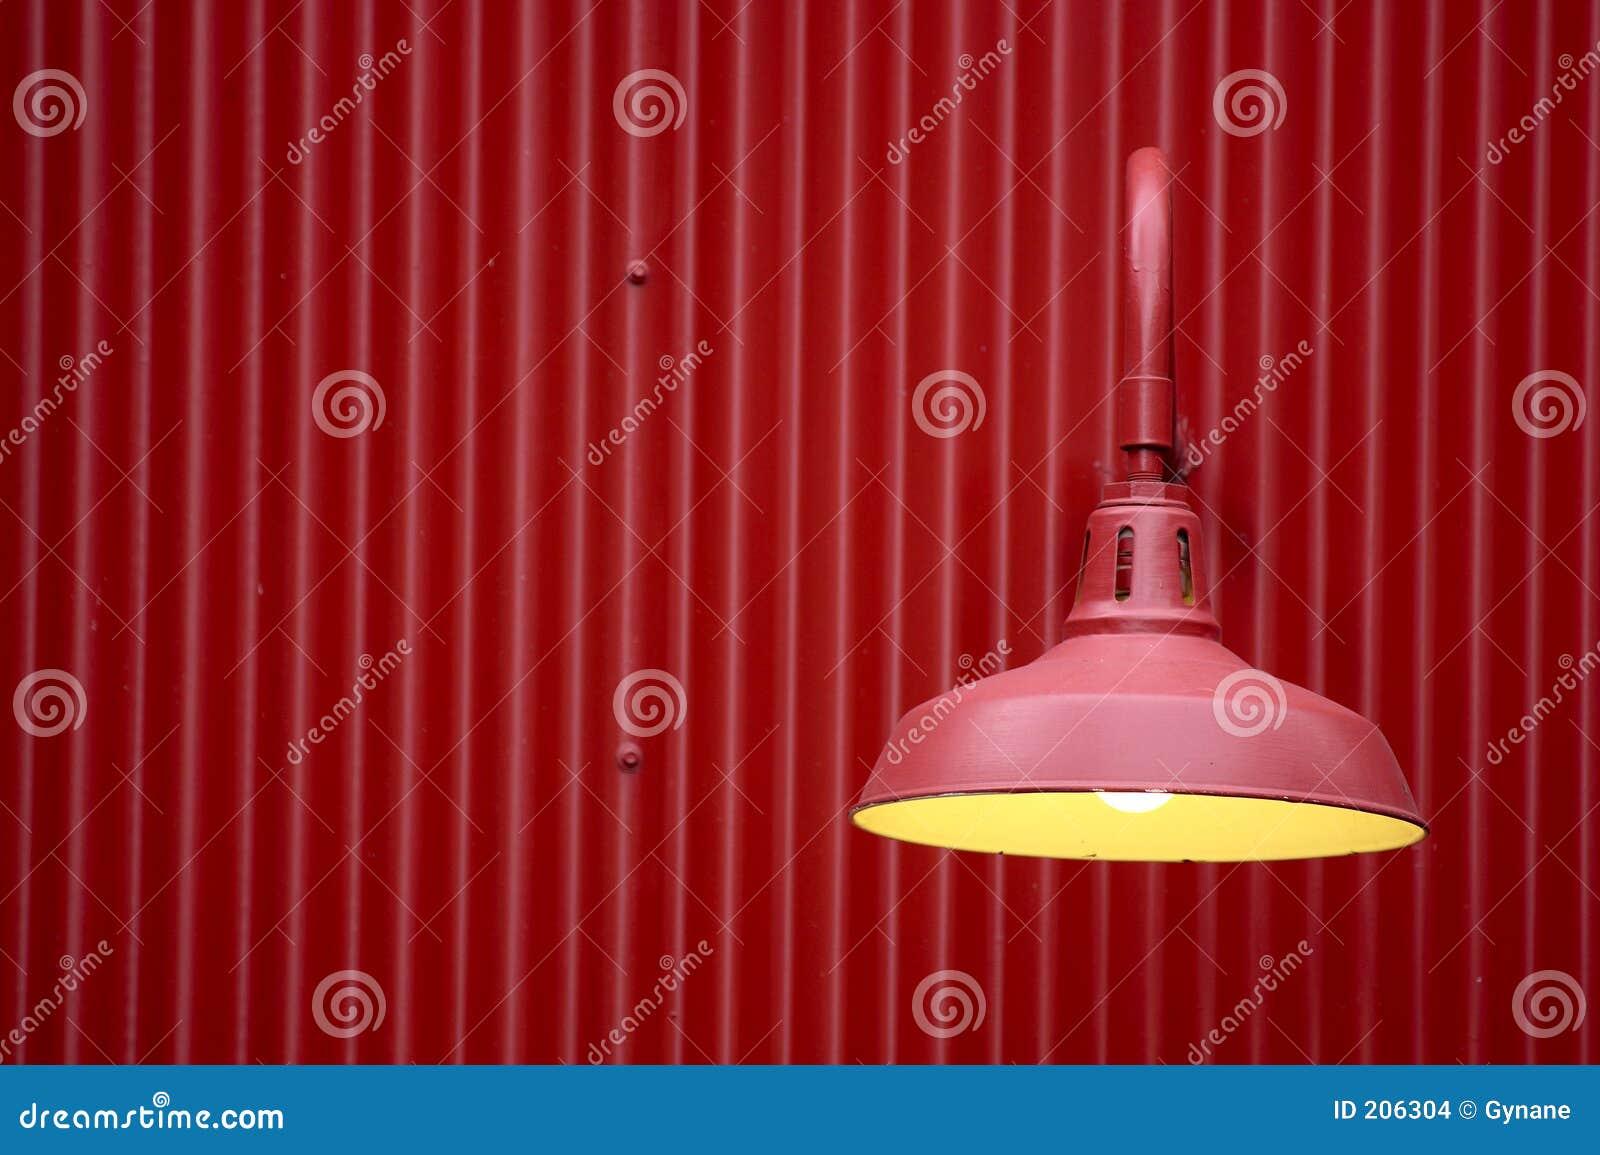 Luce rossa contro la priorità bassa rossa del metallo